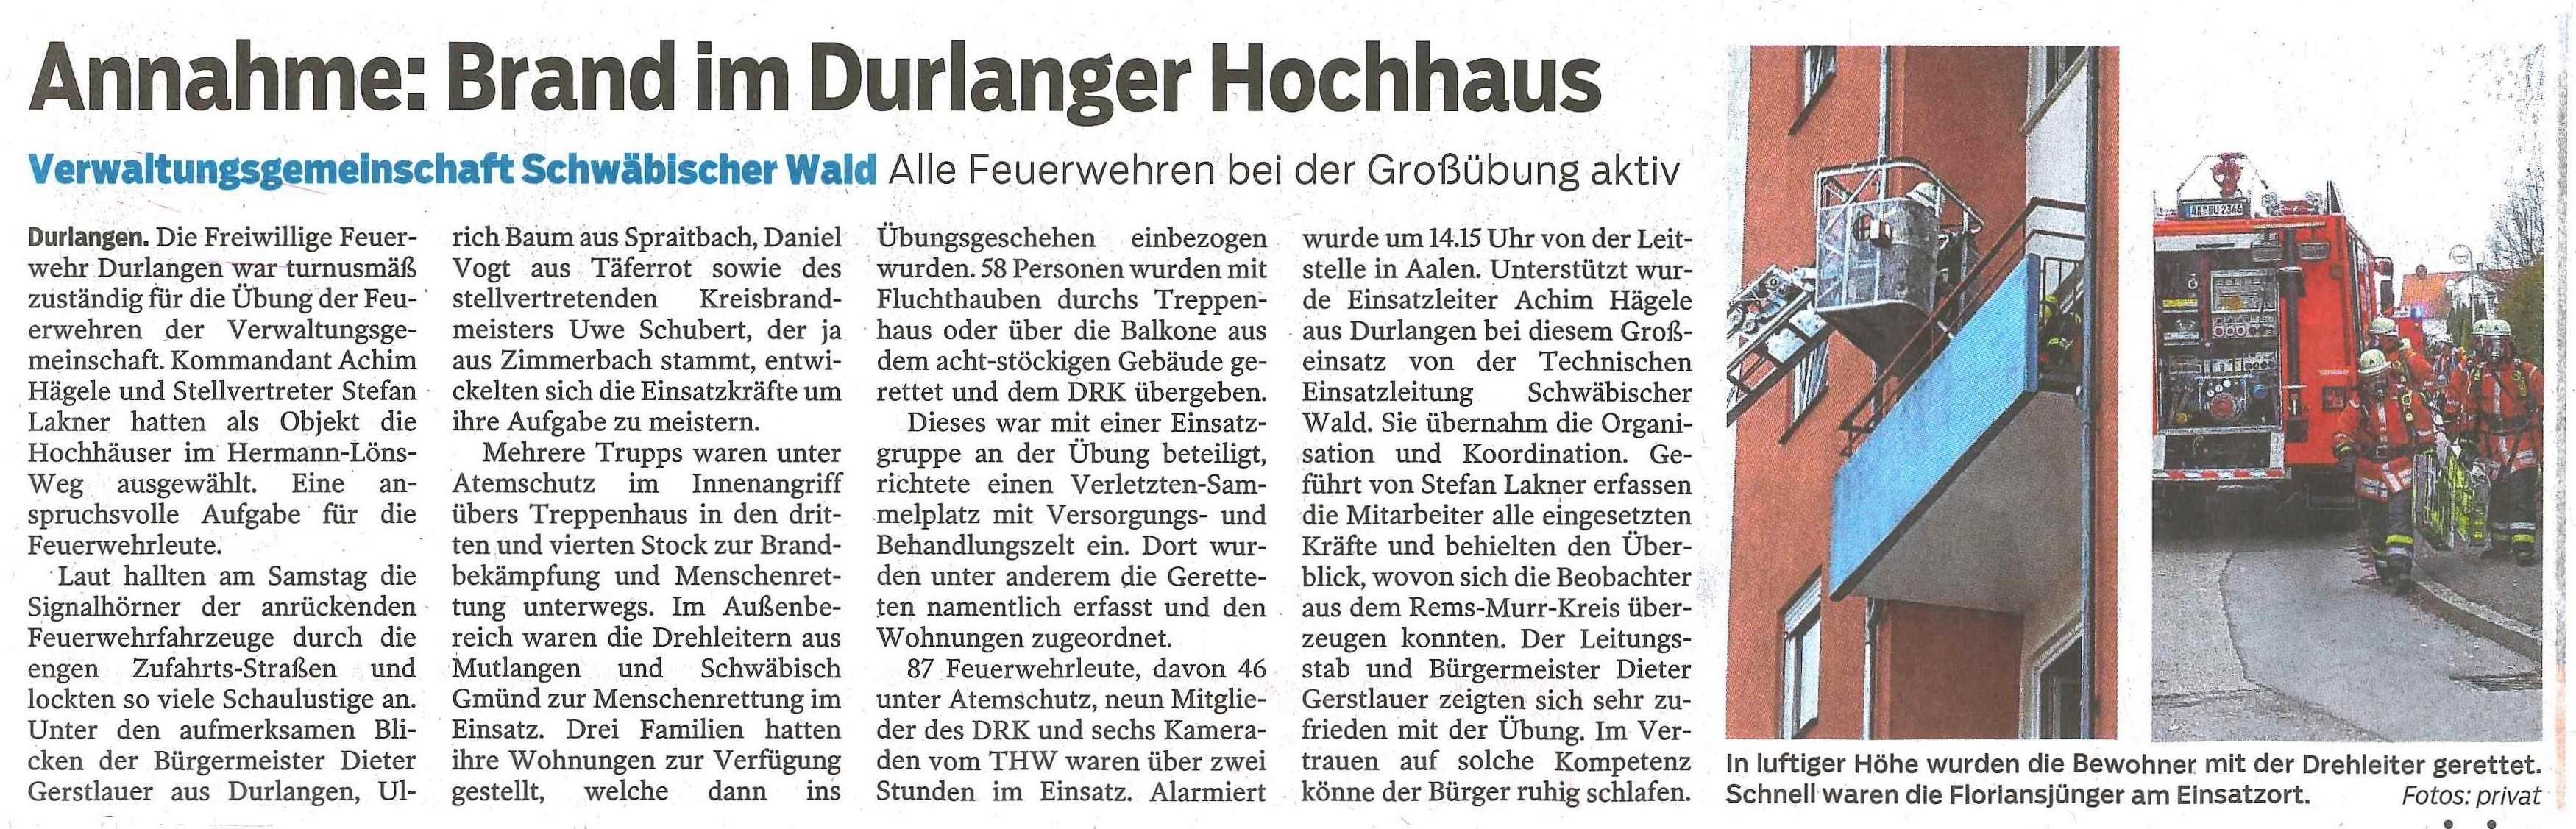 Niedlich Vorlage Für Zeitungsbericht Fotos - Beispiel Wiederaufnahme ...